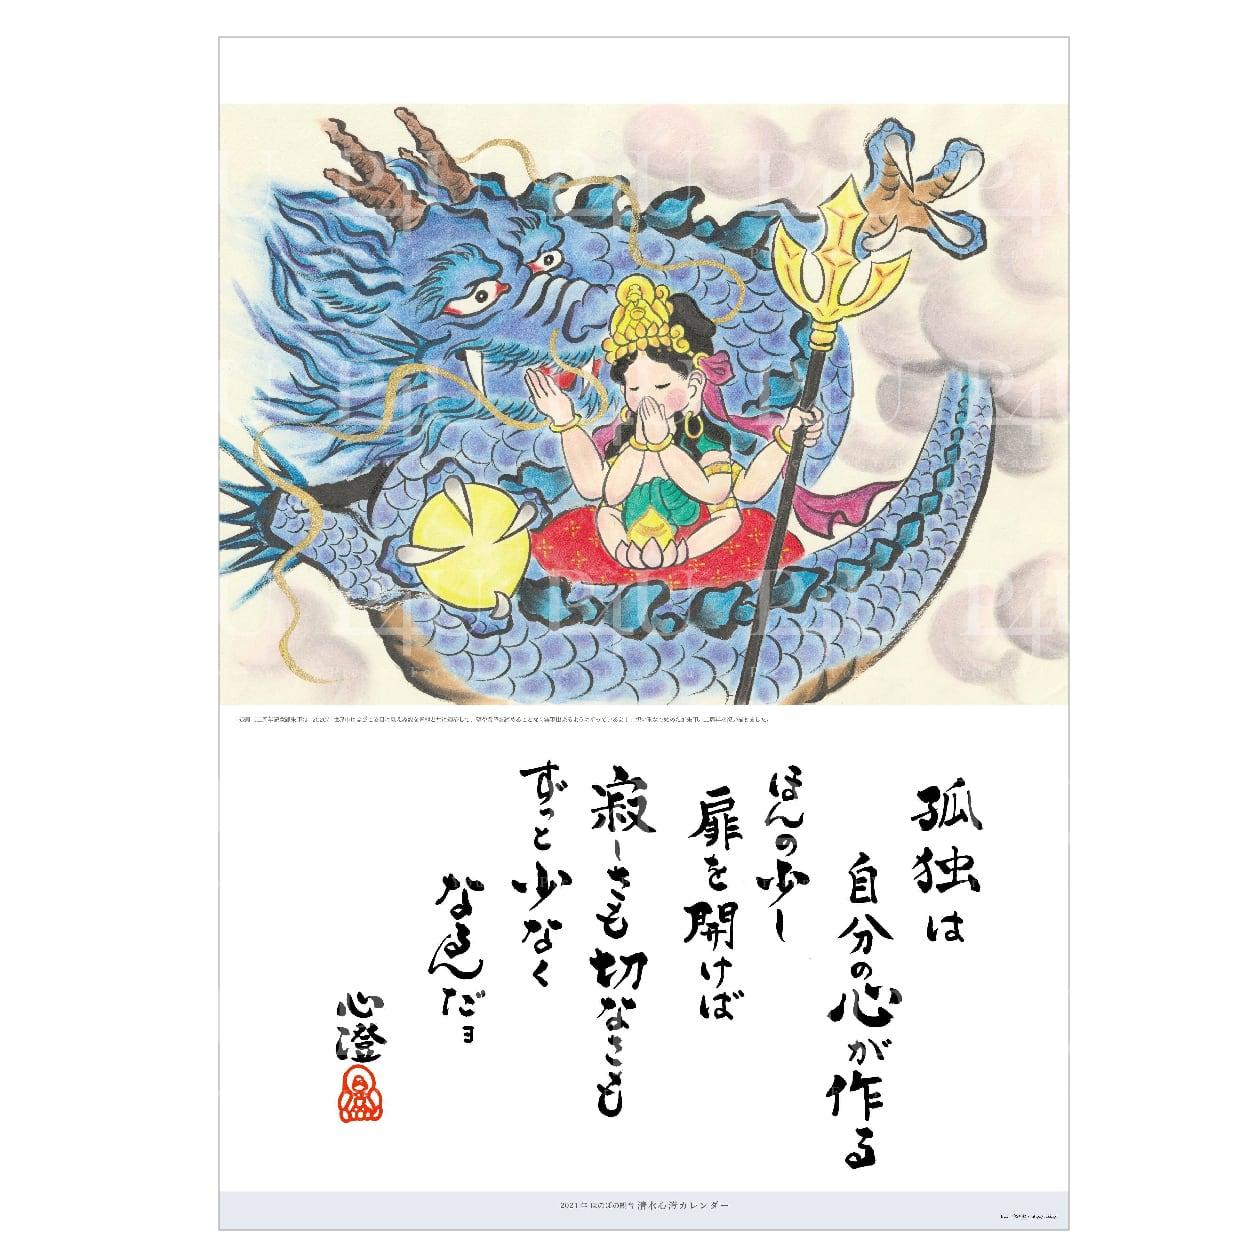 ご祈祷済み仏画カレンダー 清水心澄『ほのぼの観音』 2021年版